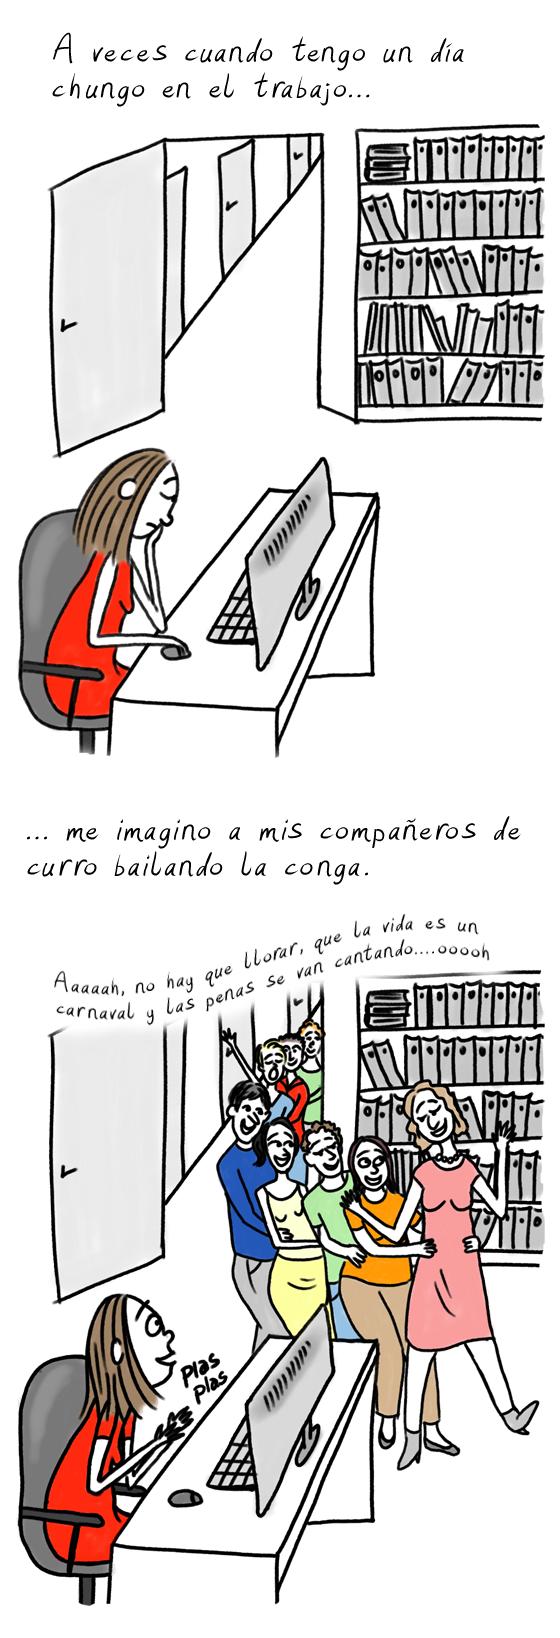 congaterapia